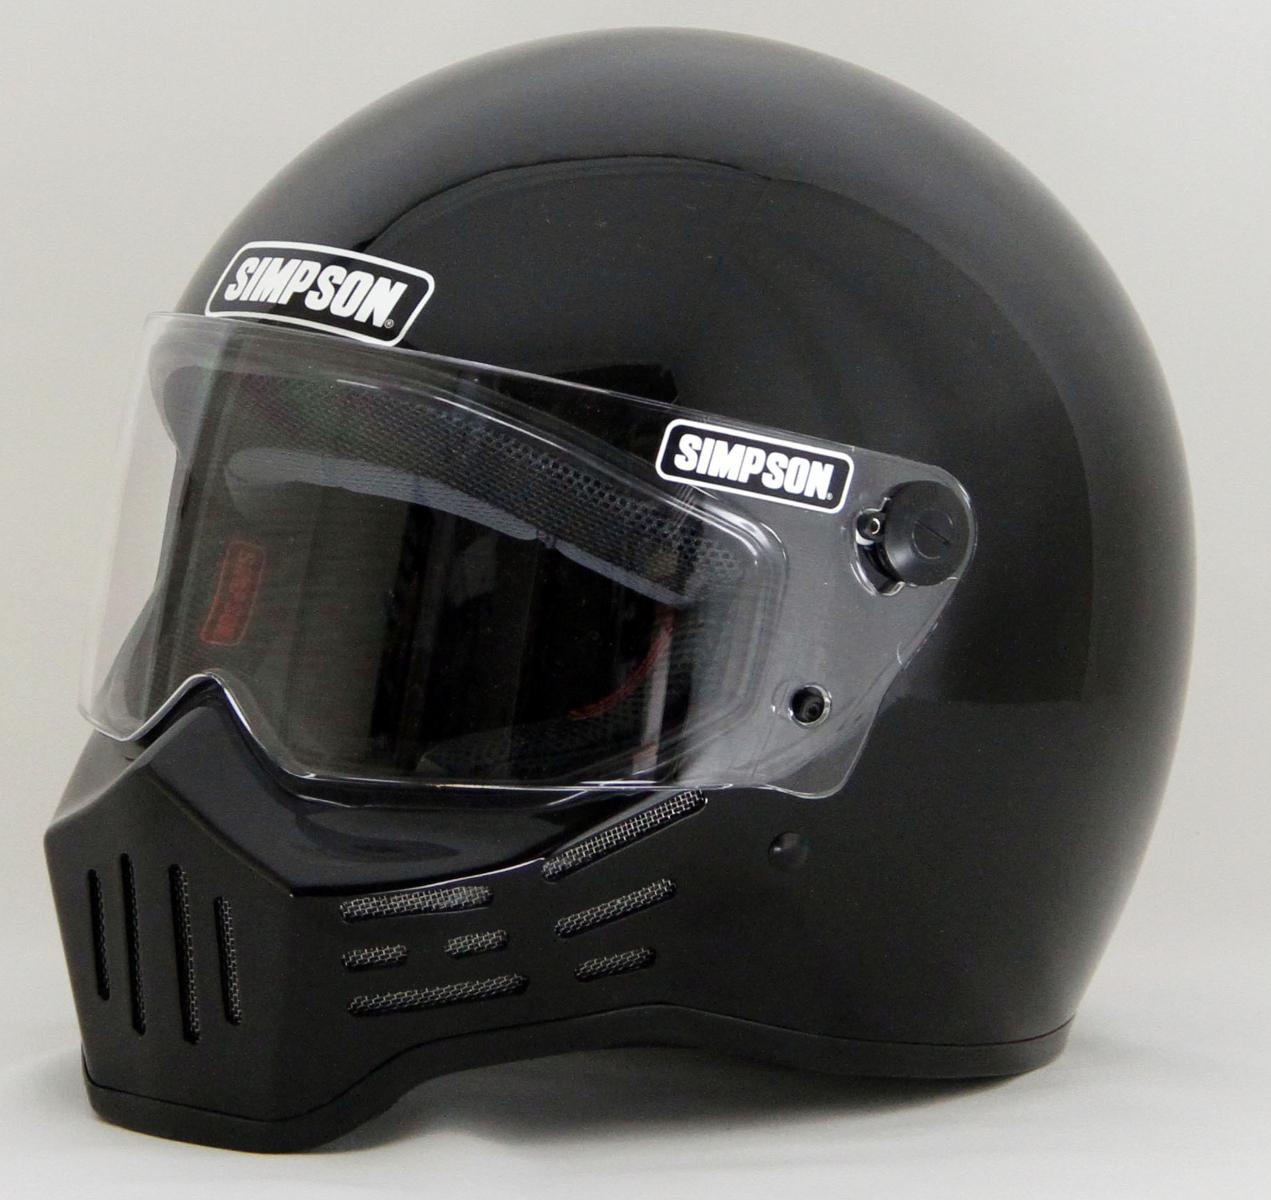 SIMPSON フルフェイスヘルメット M30 ブラック 59cm